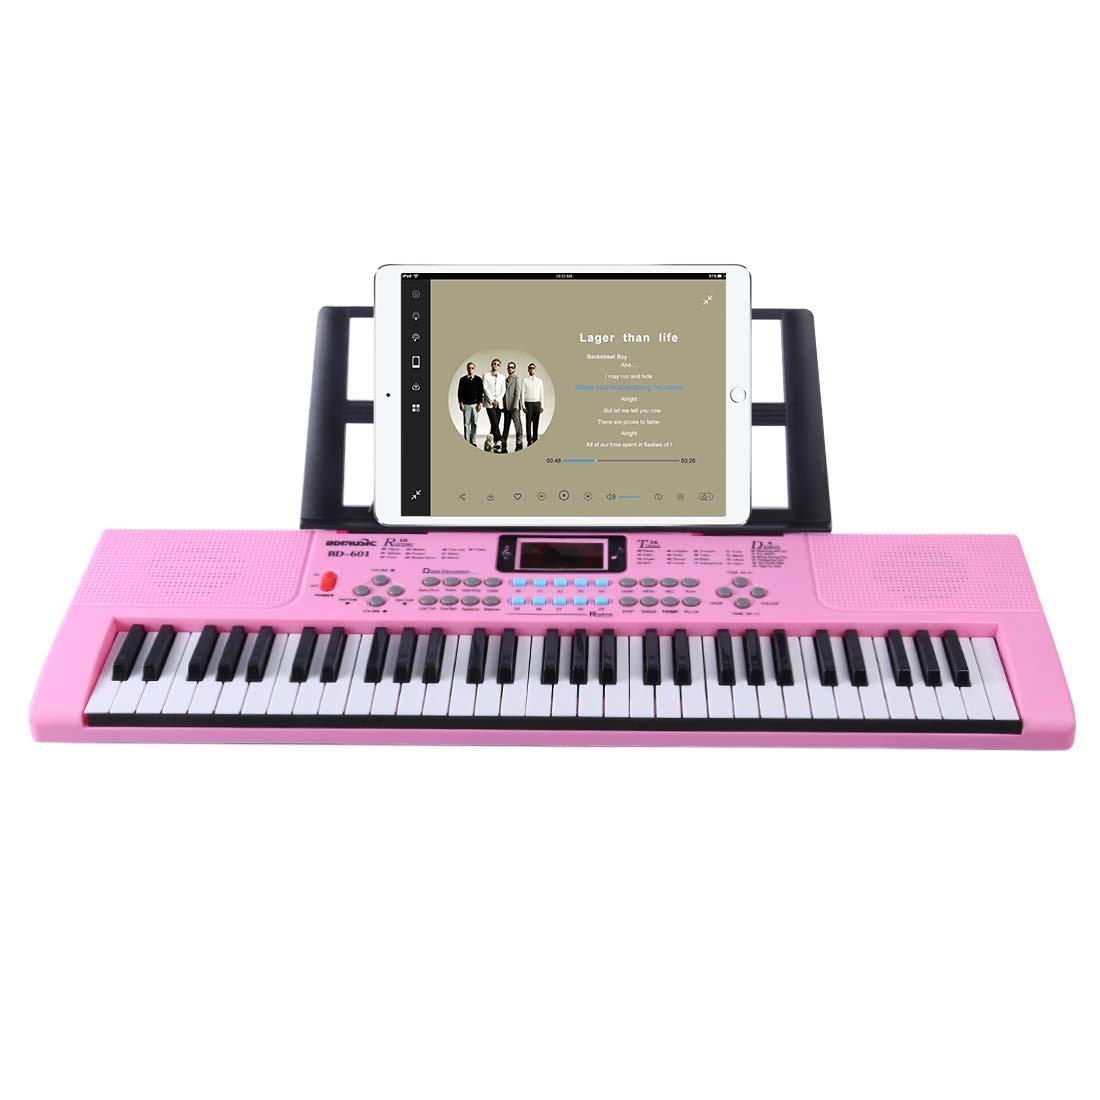 DAN DISCOUNTS Kids Piano Multi-function 61 Key Keyboard Piano Electronic Organ Music Child Musical Electronic Piano-Black